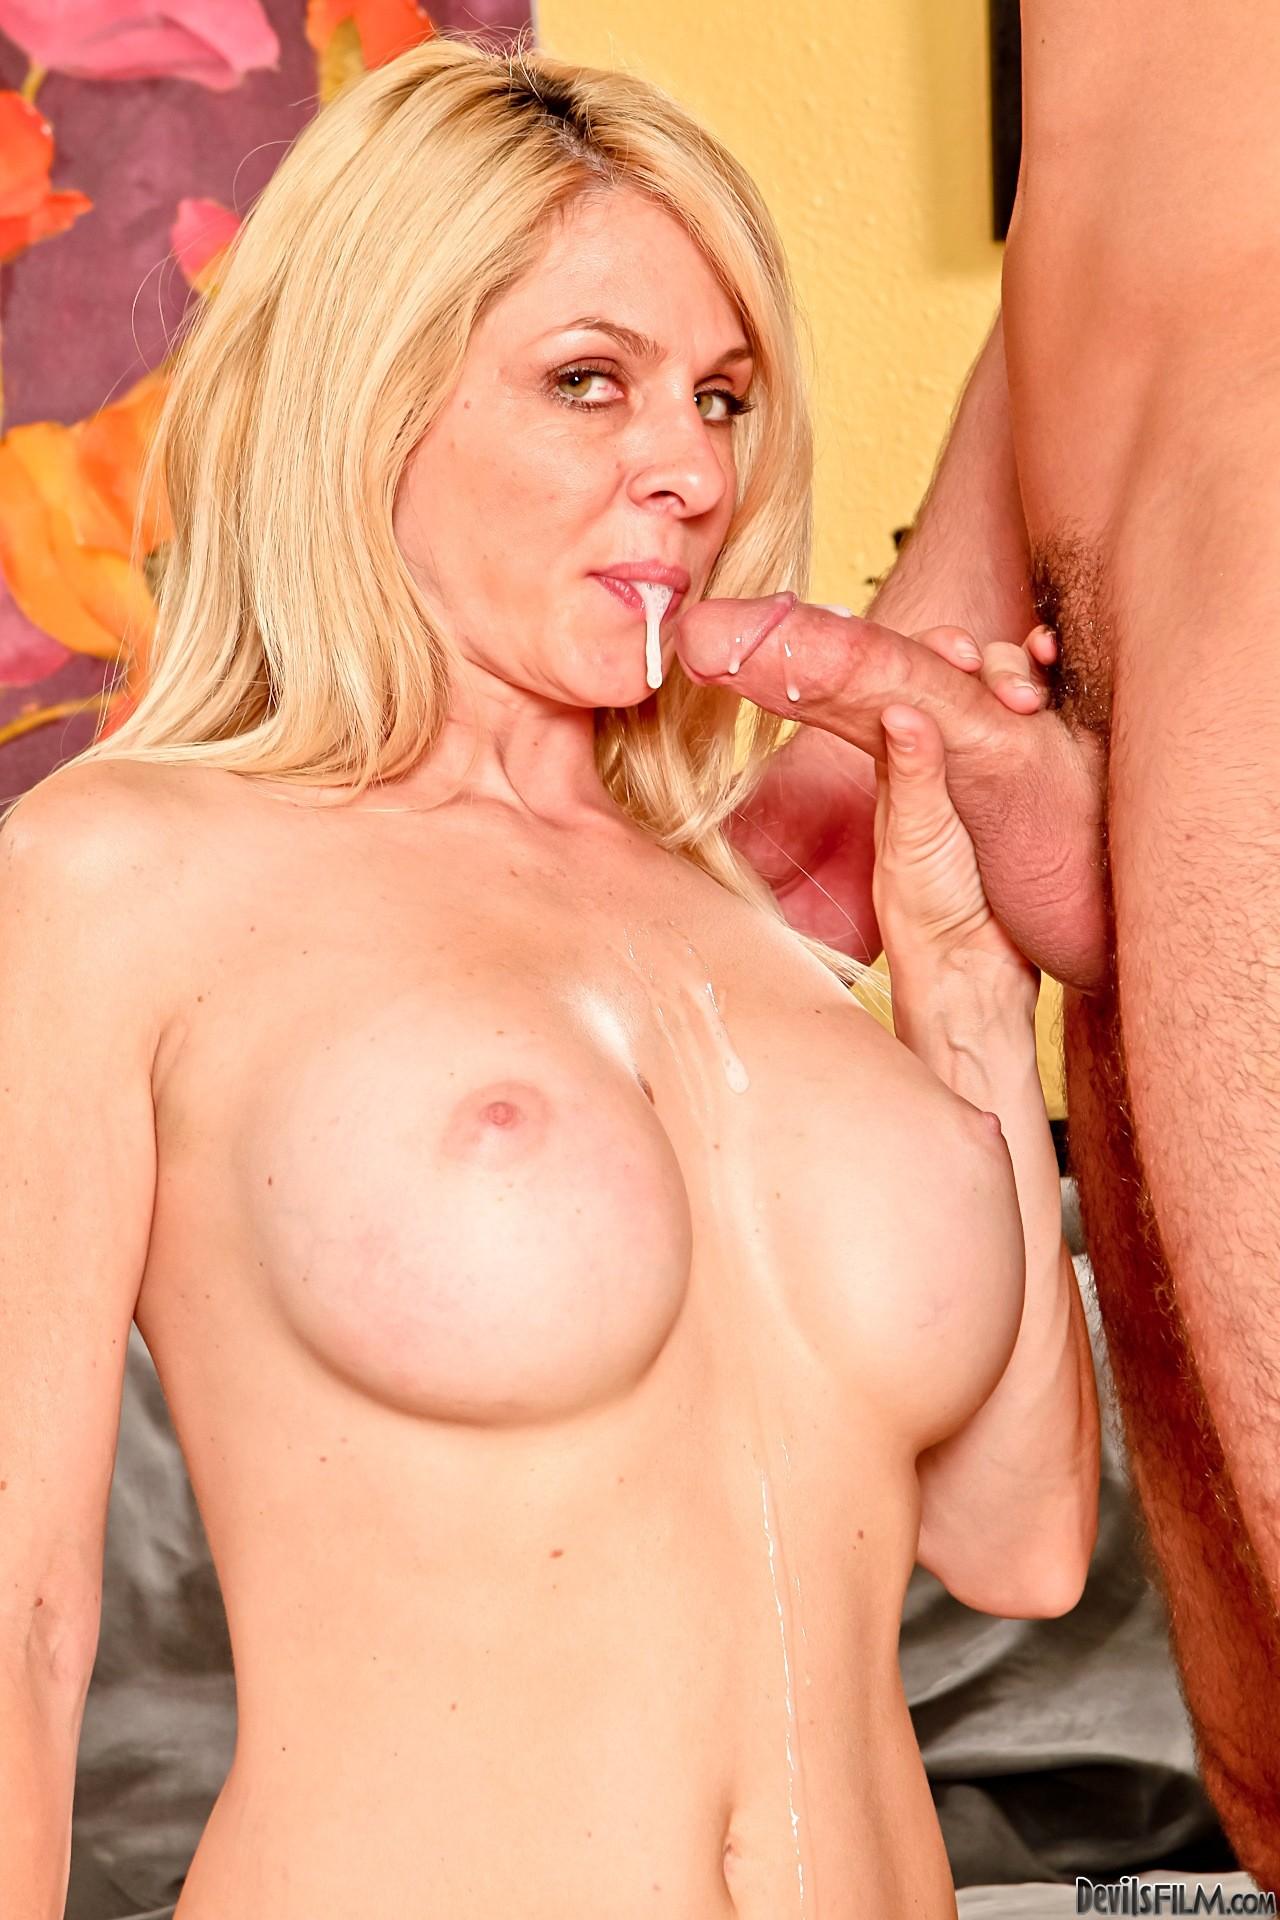 Angela lanza nude